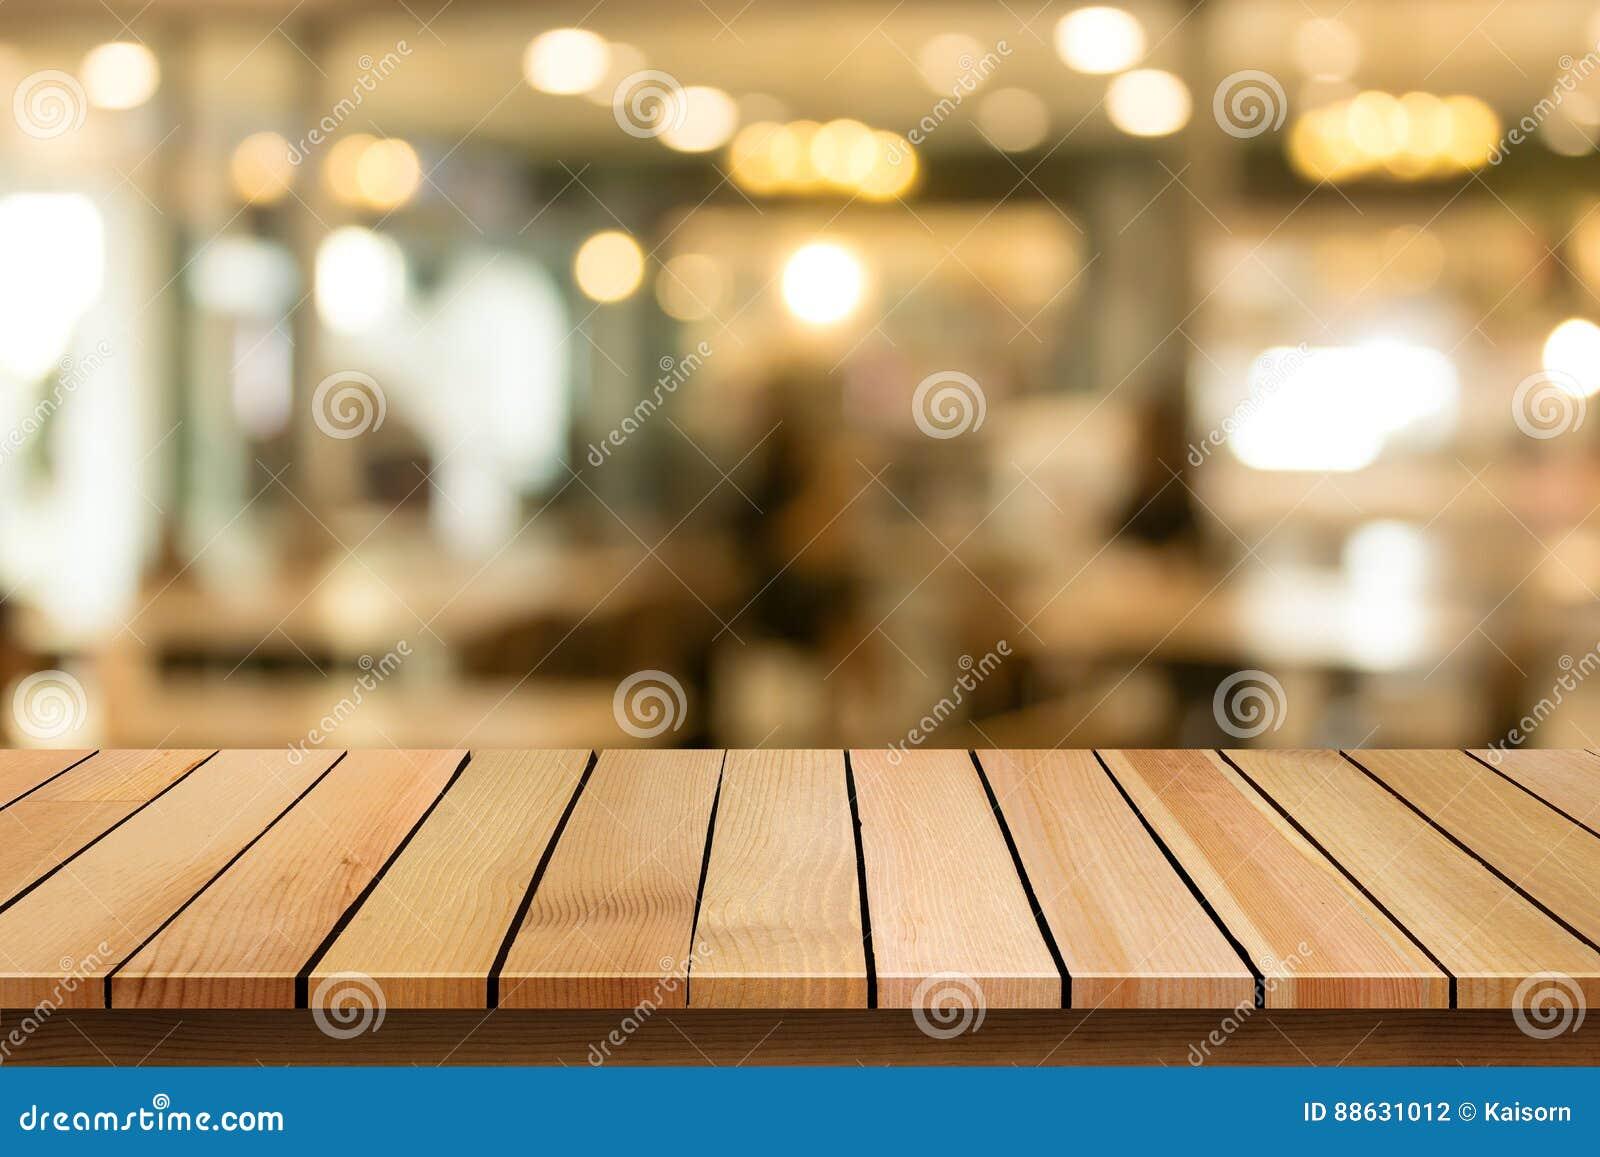 Η ξύλινη επιτραπέζια κορυφή στο υπόβαθρο καφέδων θαμπάδων bokeh μπορεί να χρησιμοποιηθεί για το DIS